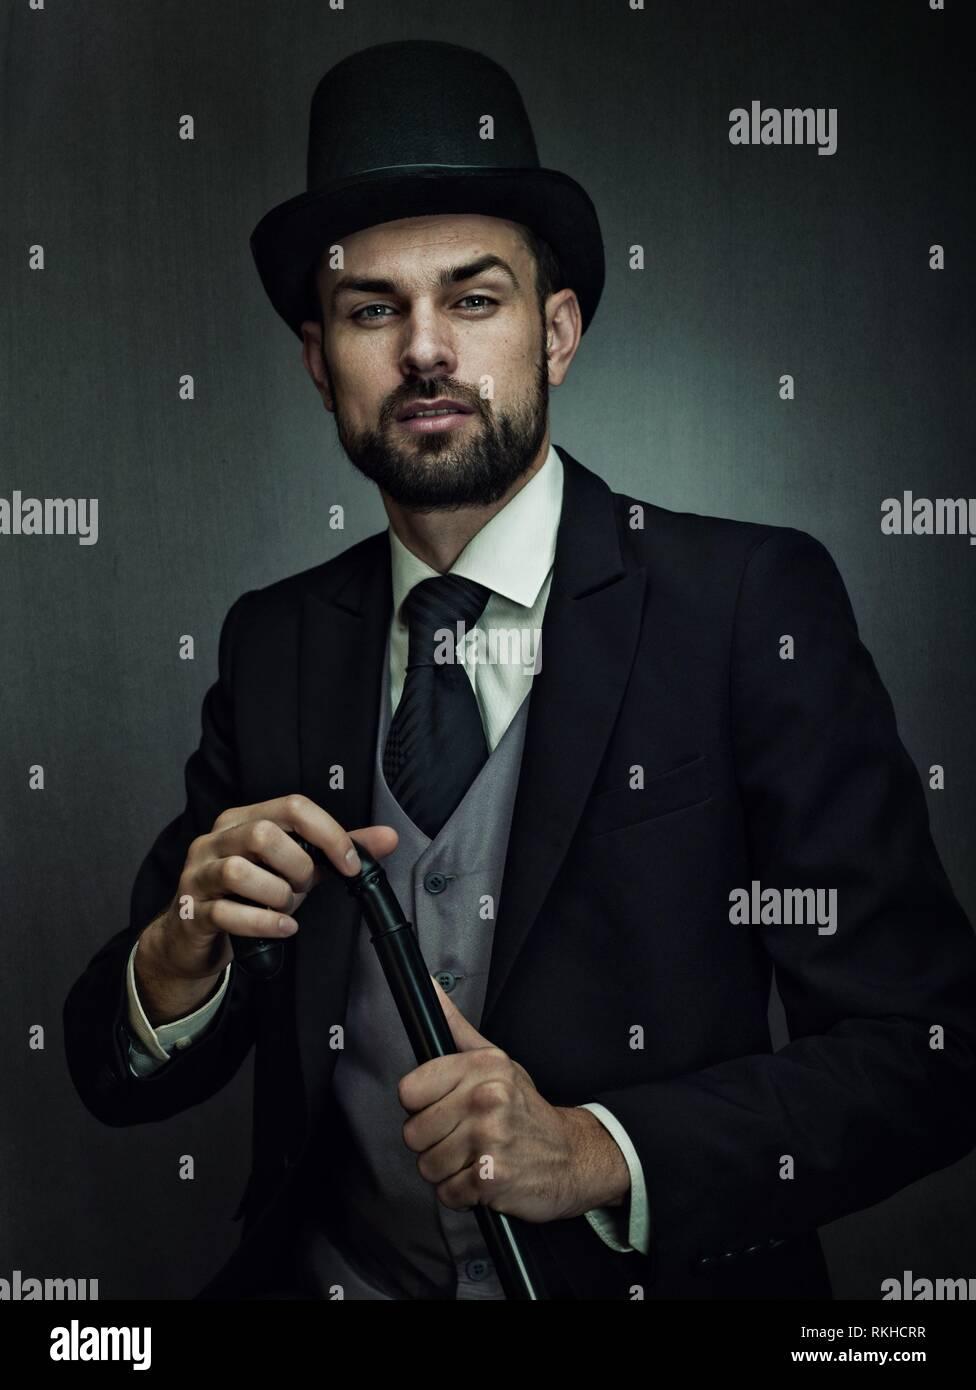 Englishman detective, retro style male portrait. - Stock Image